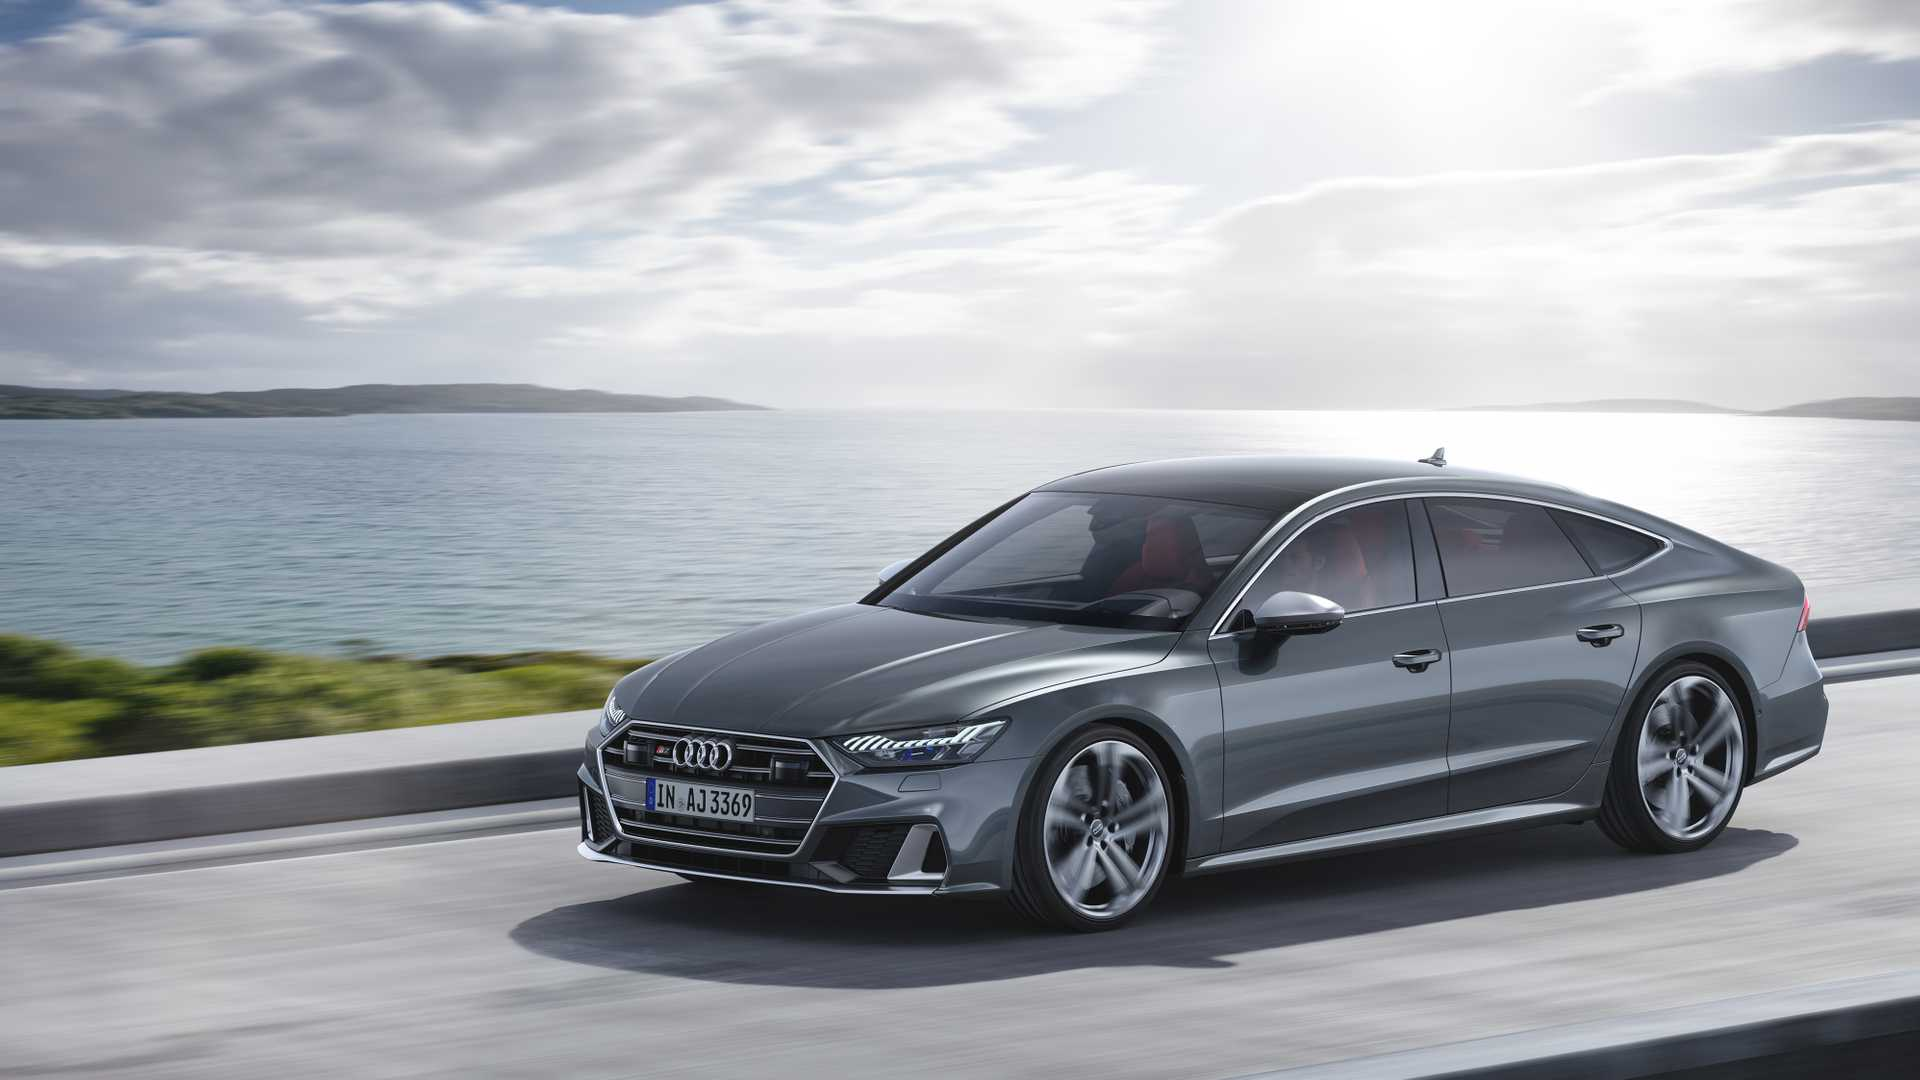 Audi S7 Sportback в движении